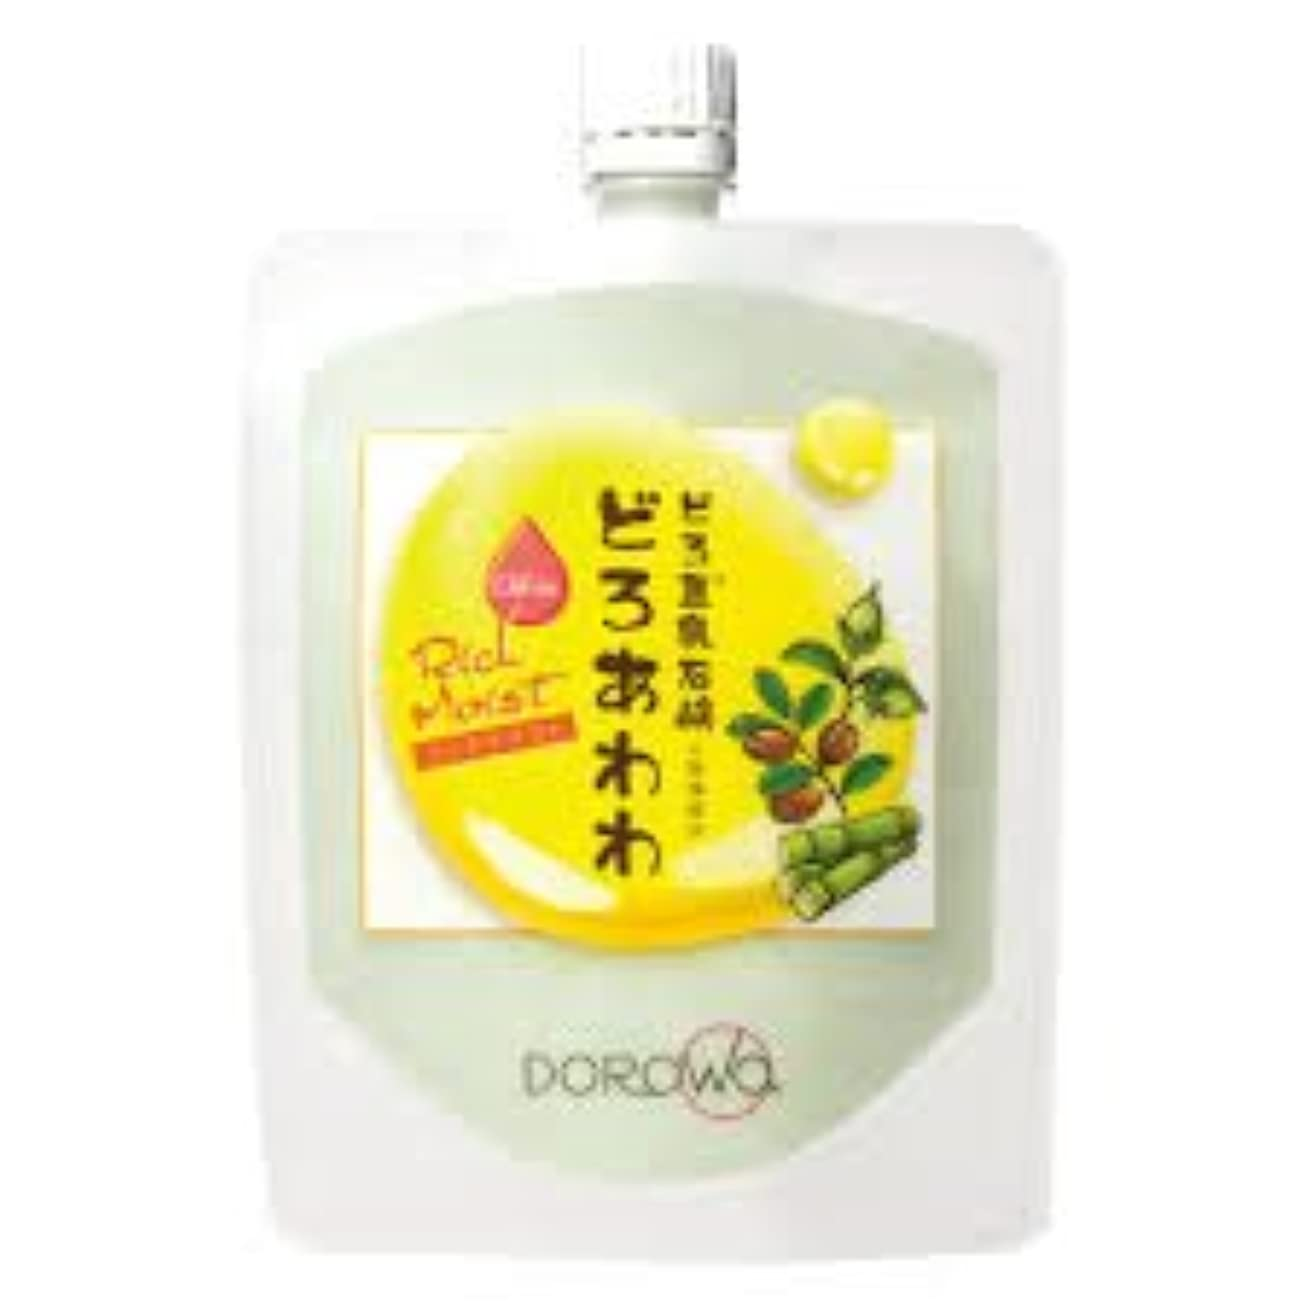 薬幻影宅配便【DOROwa(ドロワ)】どろ豆乳石鹸 どろあわわ〈リッチモイスト〉